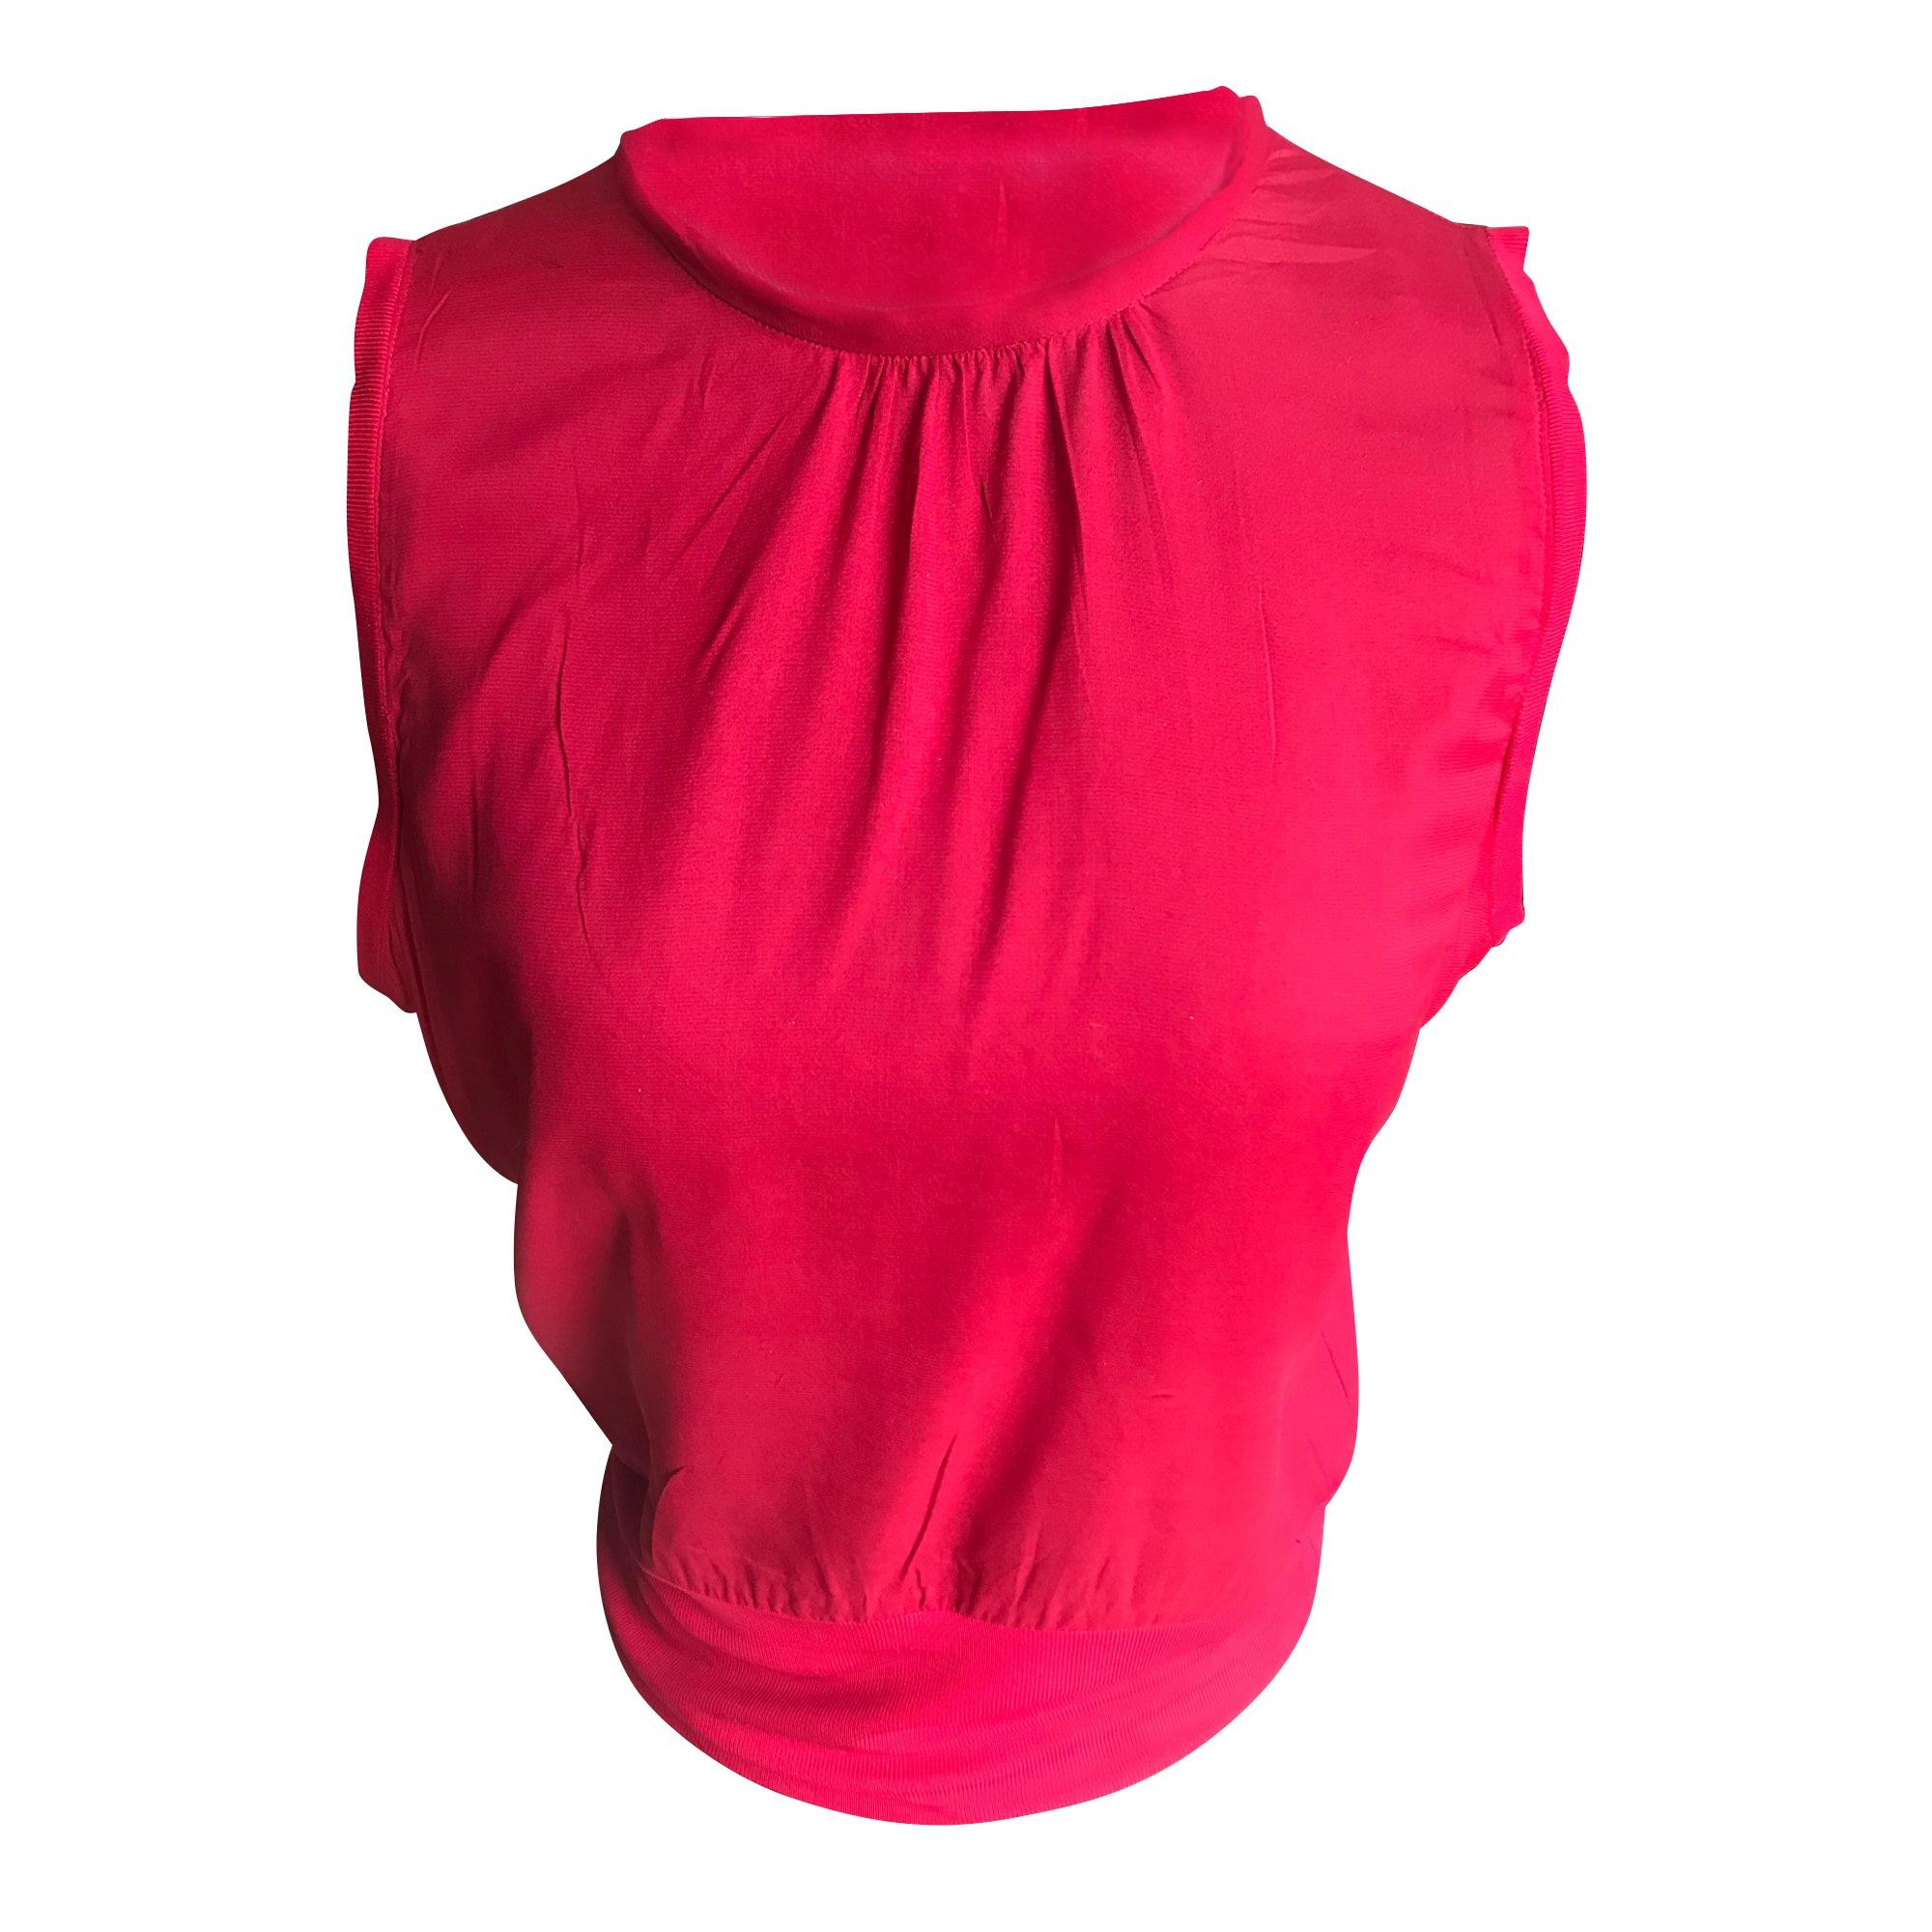 Top, tee-shirt GERARD DAREL Rouge, bordeaux